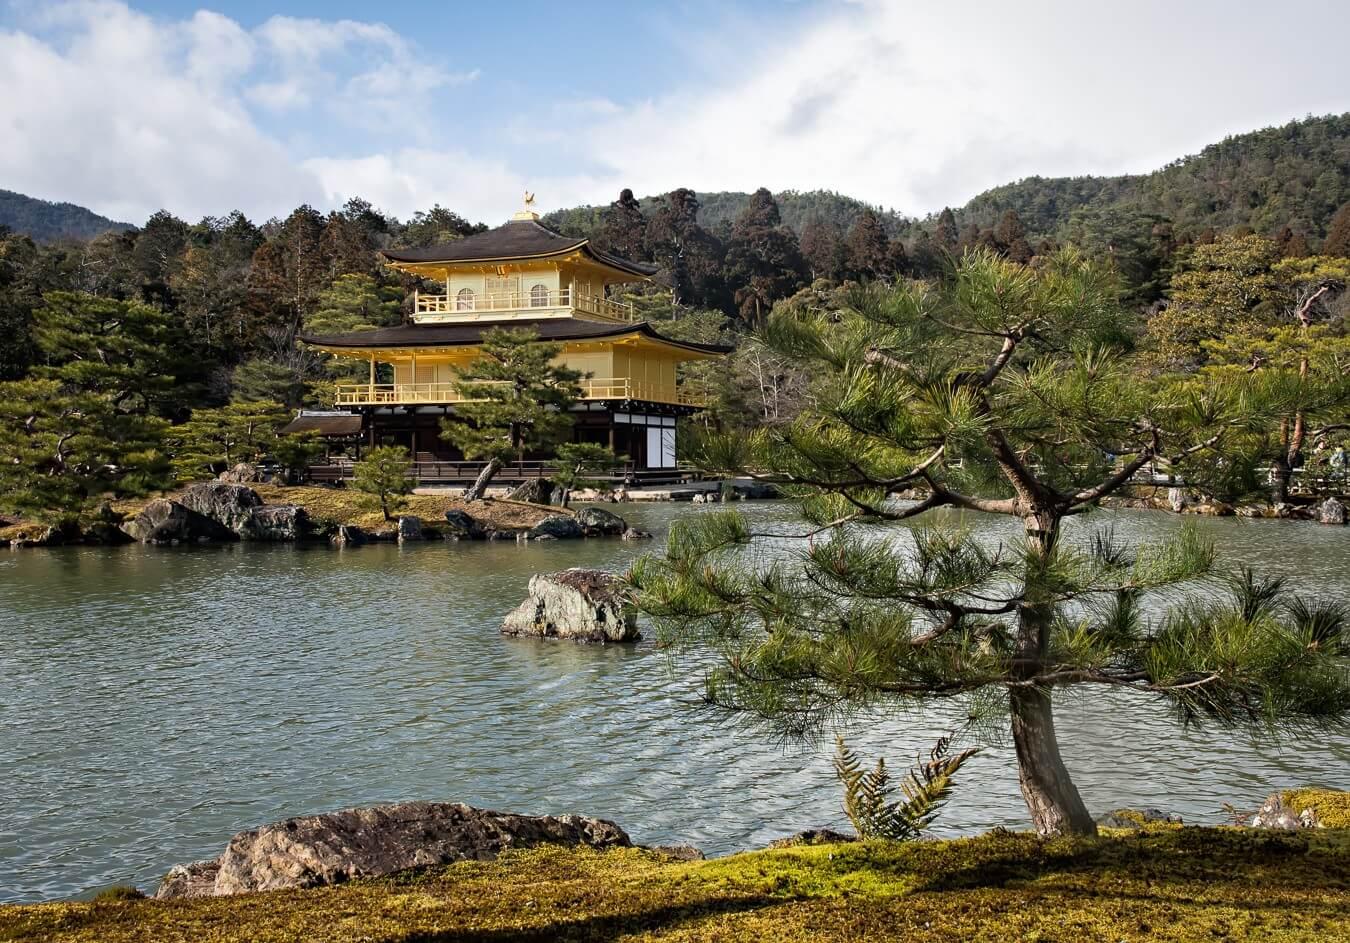 Kinkaku-ji, Golden Pavilion, Kyoto, Japan - Photo by Zed Sindelar of CuriousZed Photography